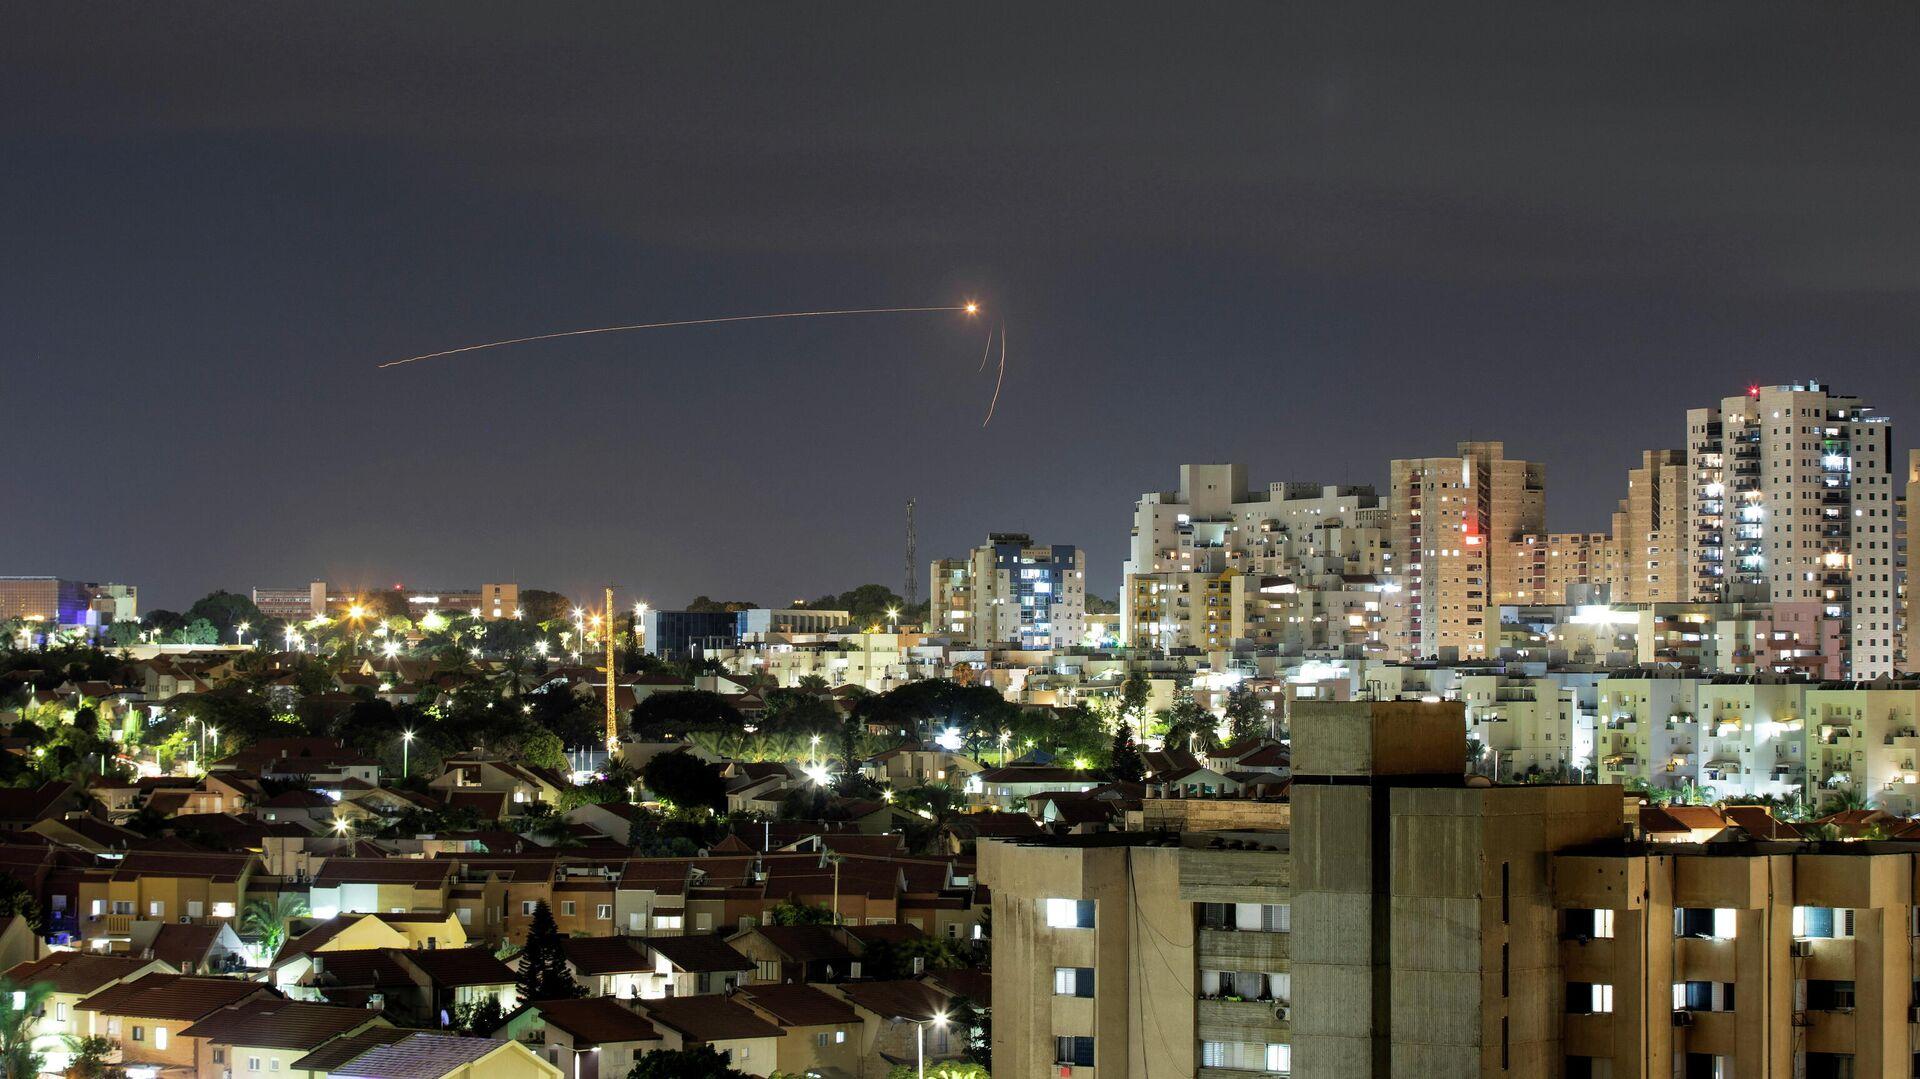 Un cohete lanzado contra Israel desde la Franja de Gaza, el 11 de septiembre de 2021 - Sputnik Mundo, 1920, 12.09.2021